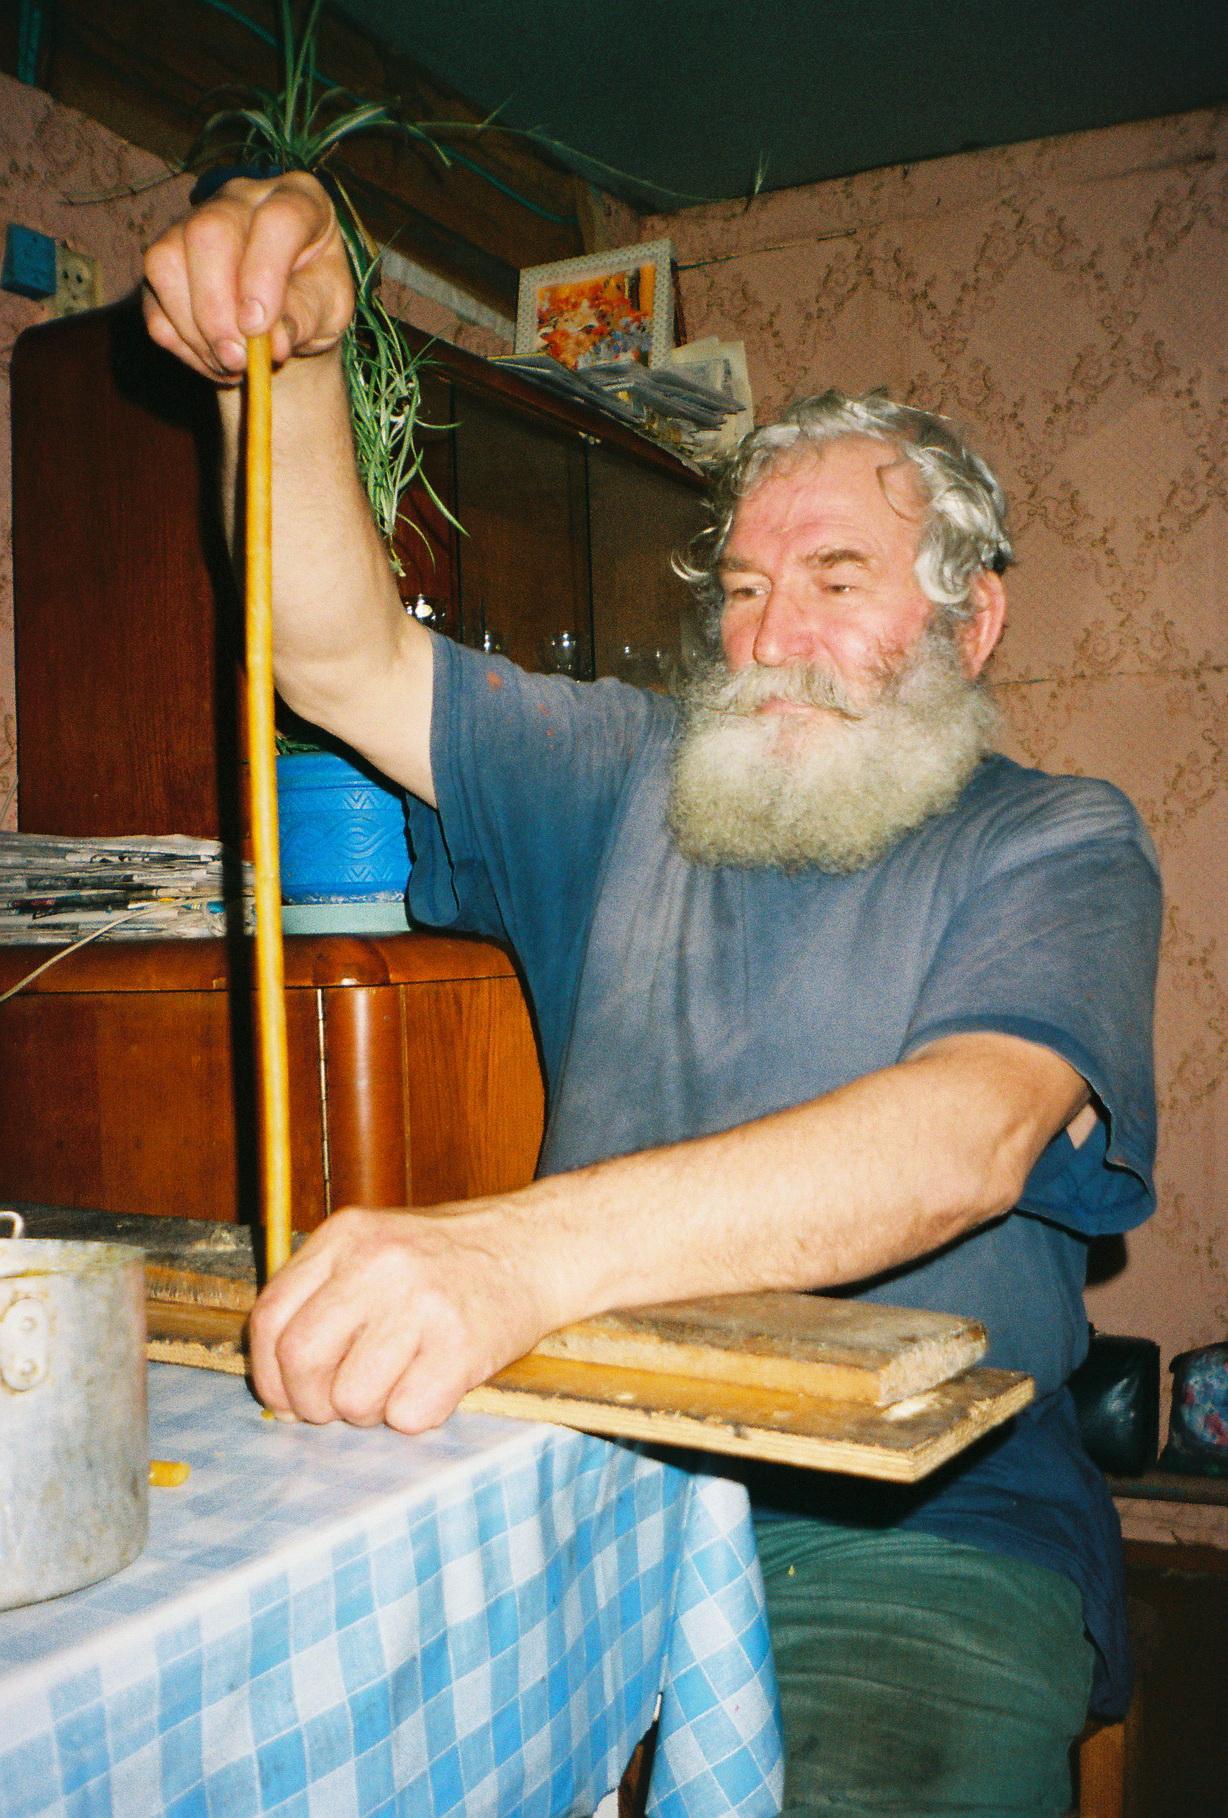 Адзін з духоўных лідараў віцебскіх папоўцаў за суканьнем сьвечак, 2005